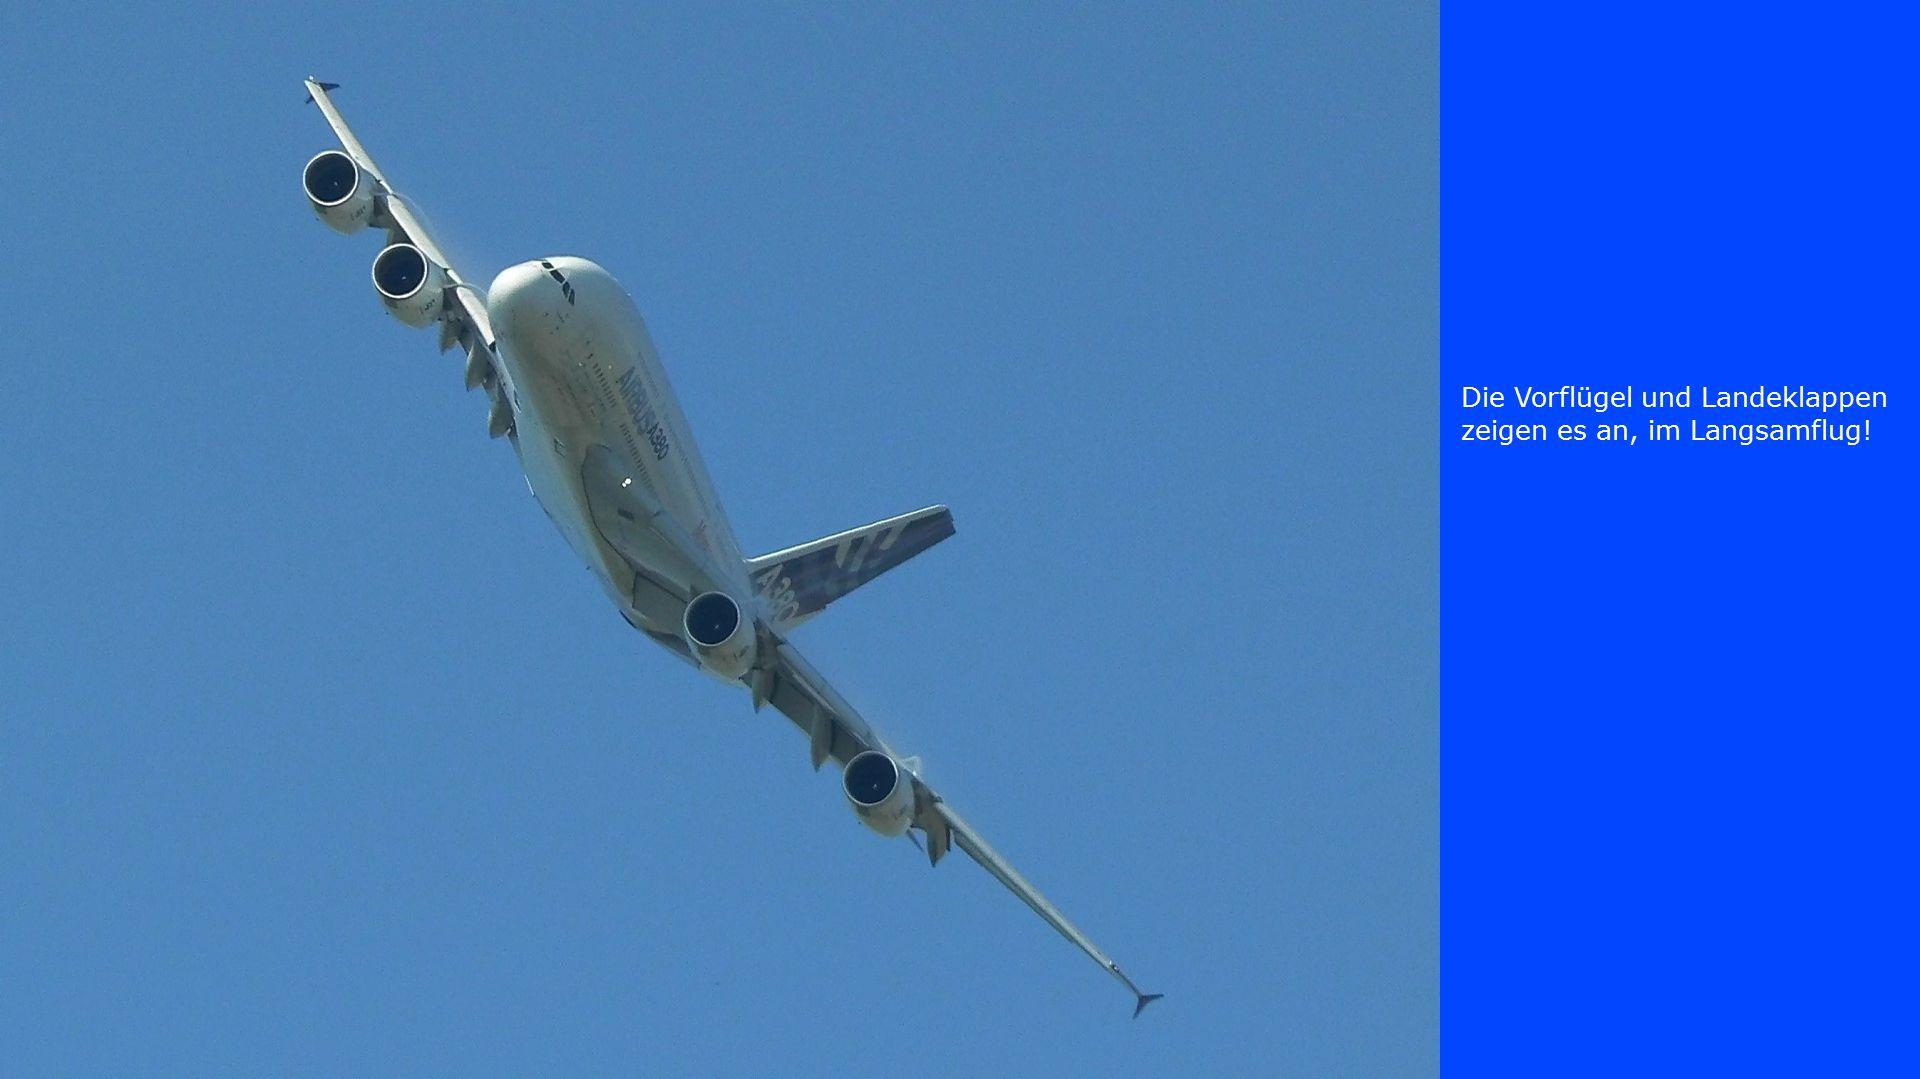 Die Vorflügel und Landeklappen zeigen es an, im Langsamflug!